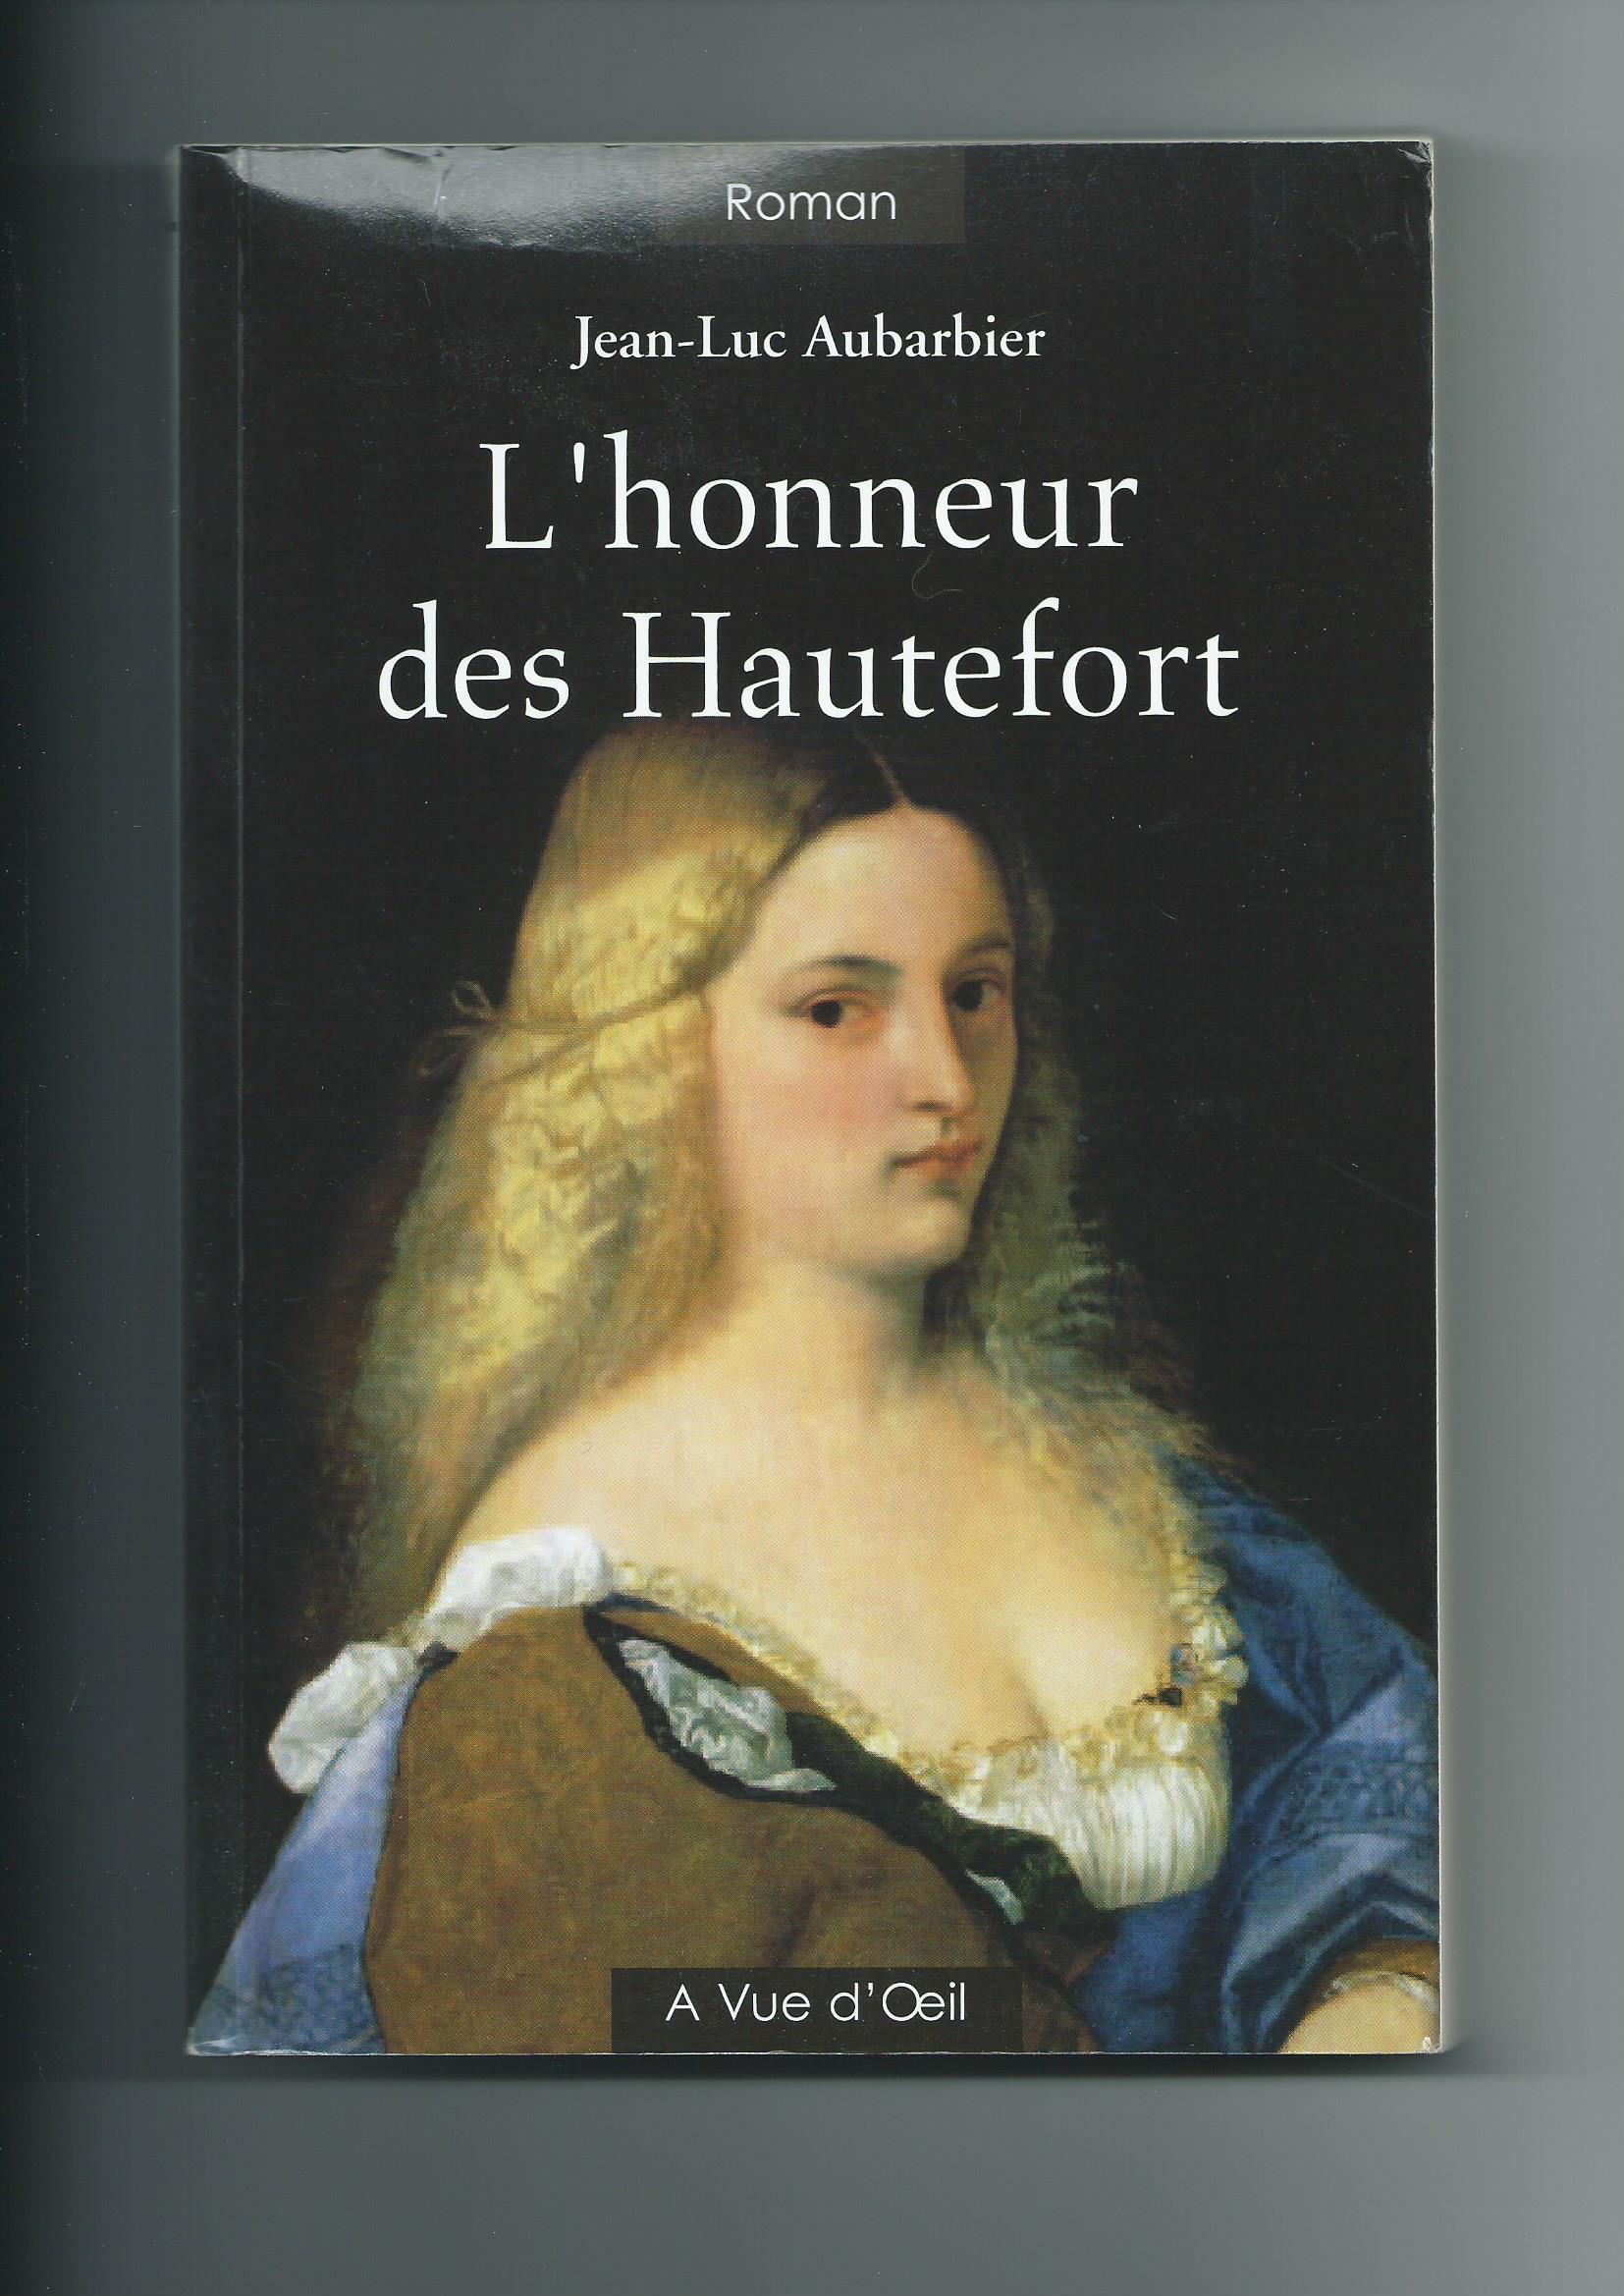 L'honneur des Hautefort - Jean-Luc Aubarbier